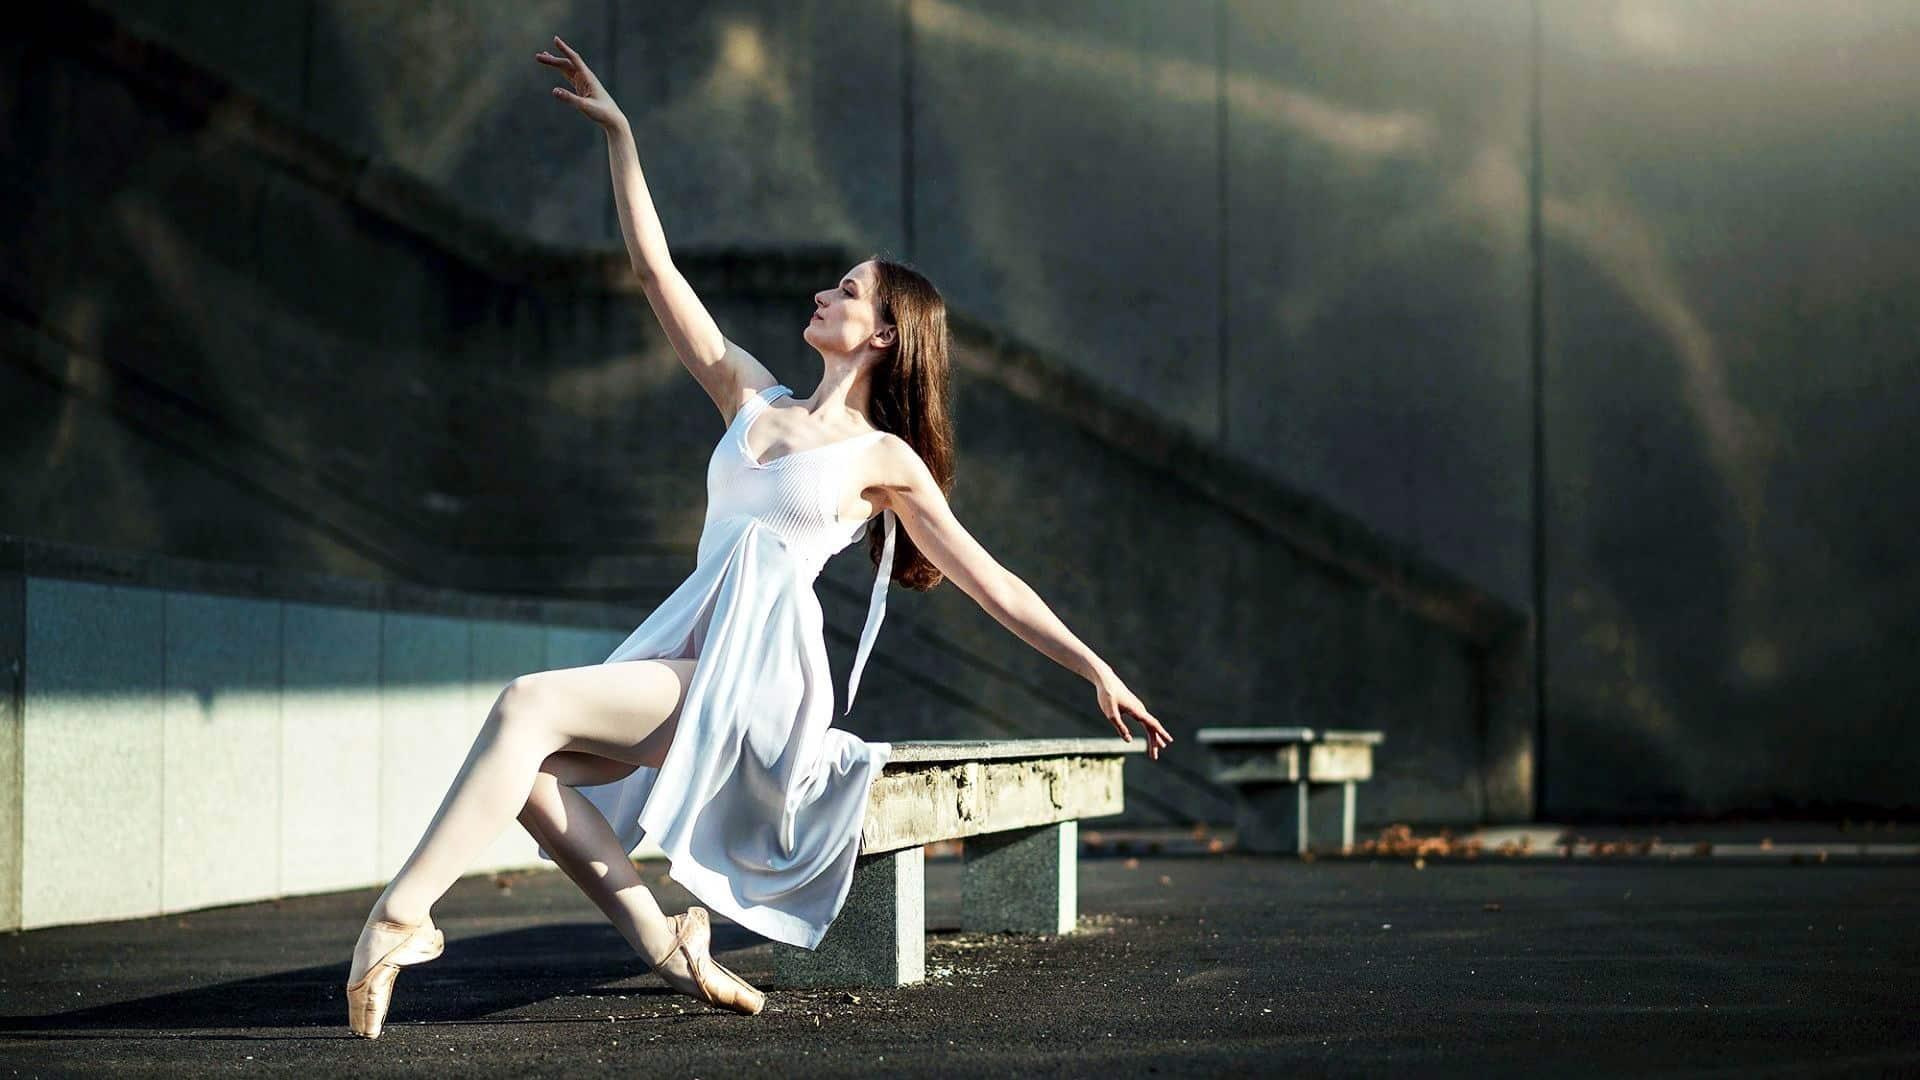 ганцаараа бүжиглэх зурган илэрцүүд